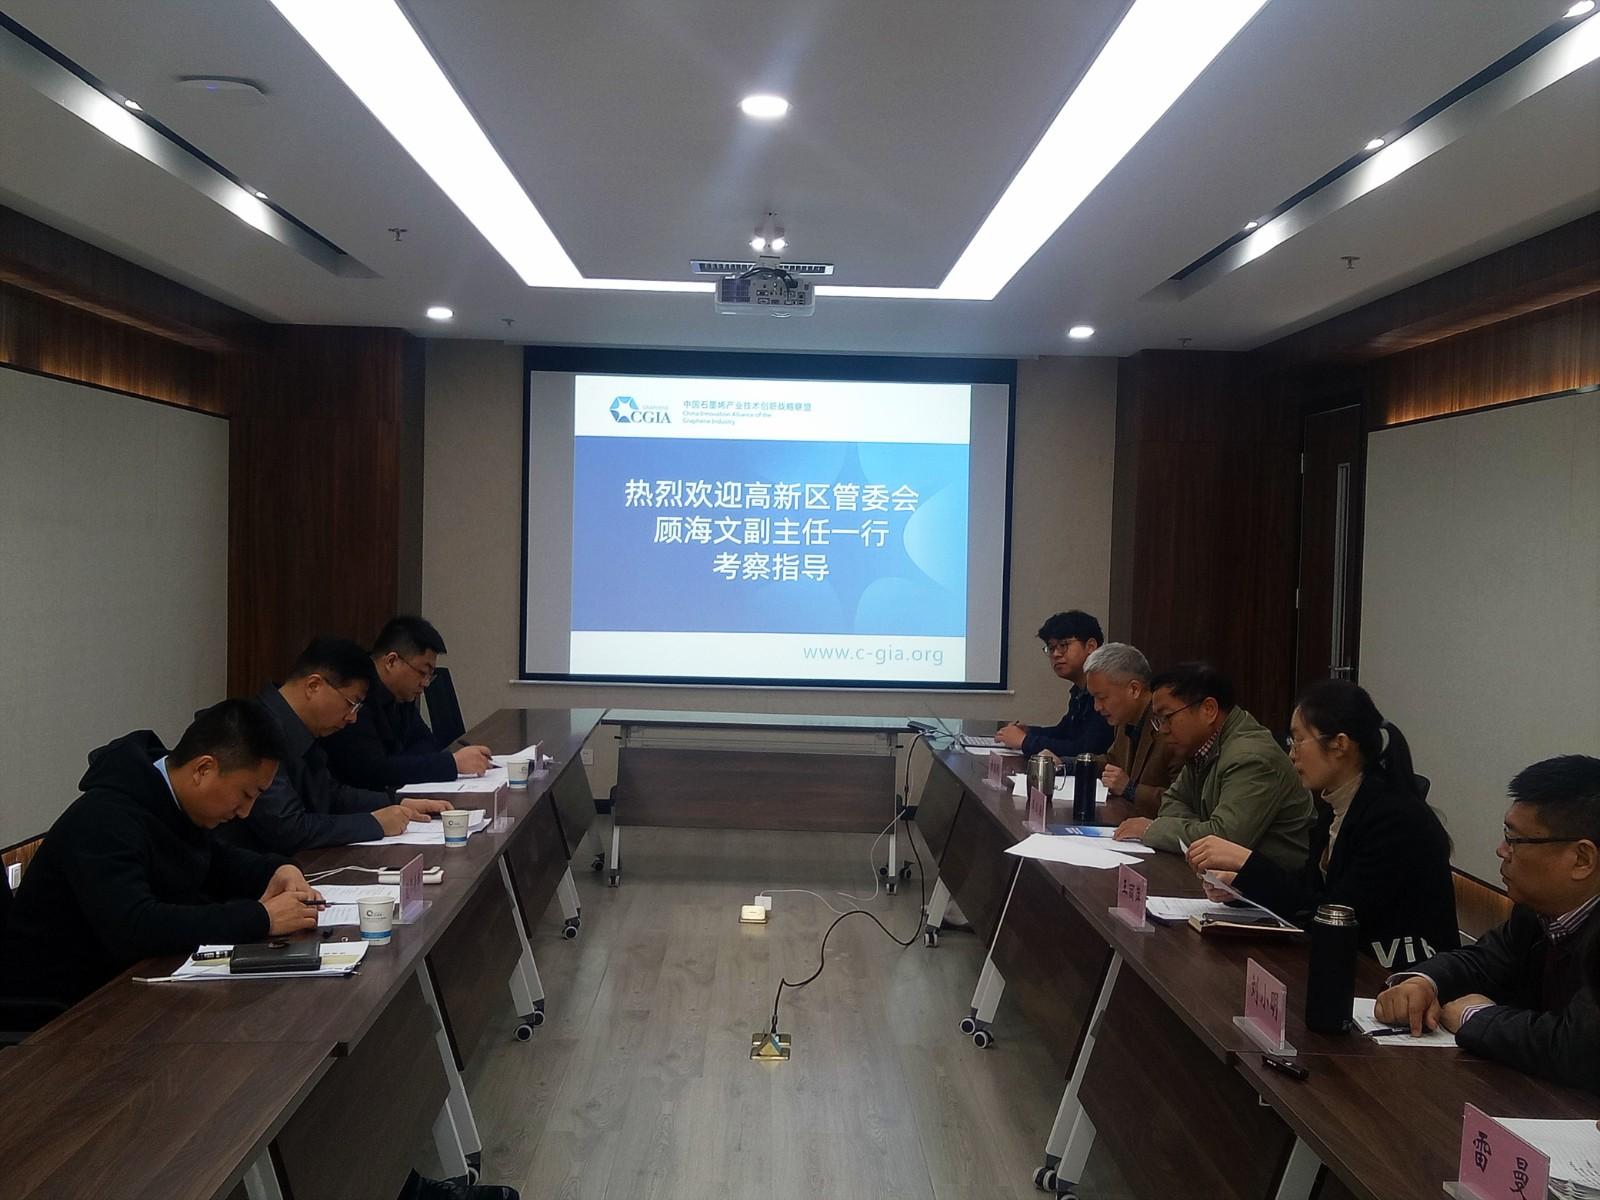 西安高新区管委会顾海文副主任一行到西安丝路石墨烯创新中心考察指导